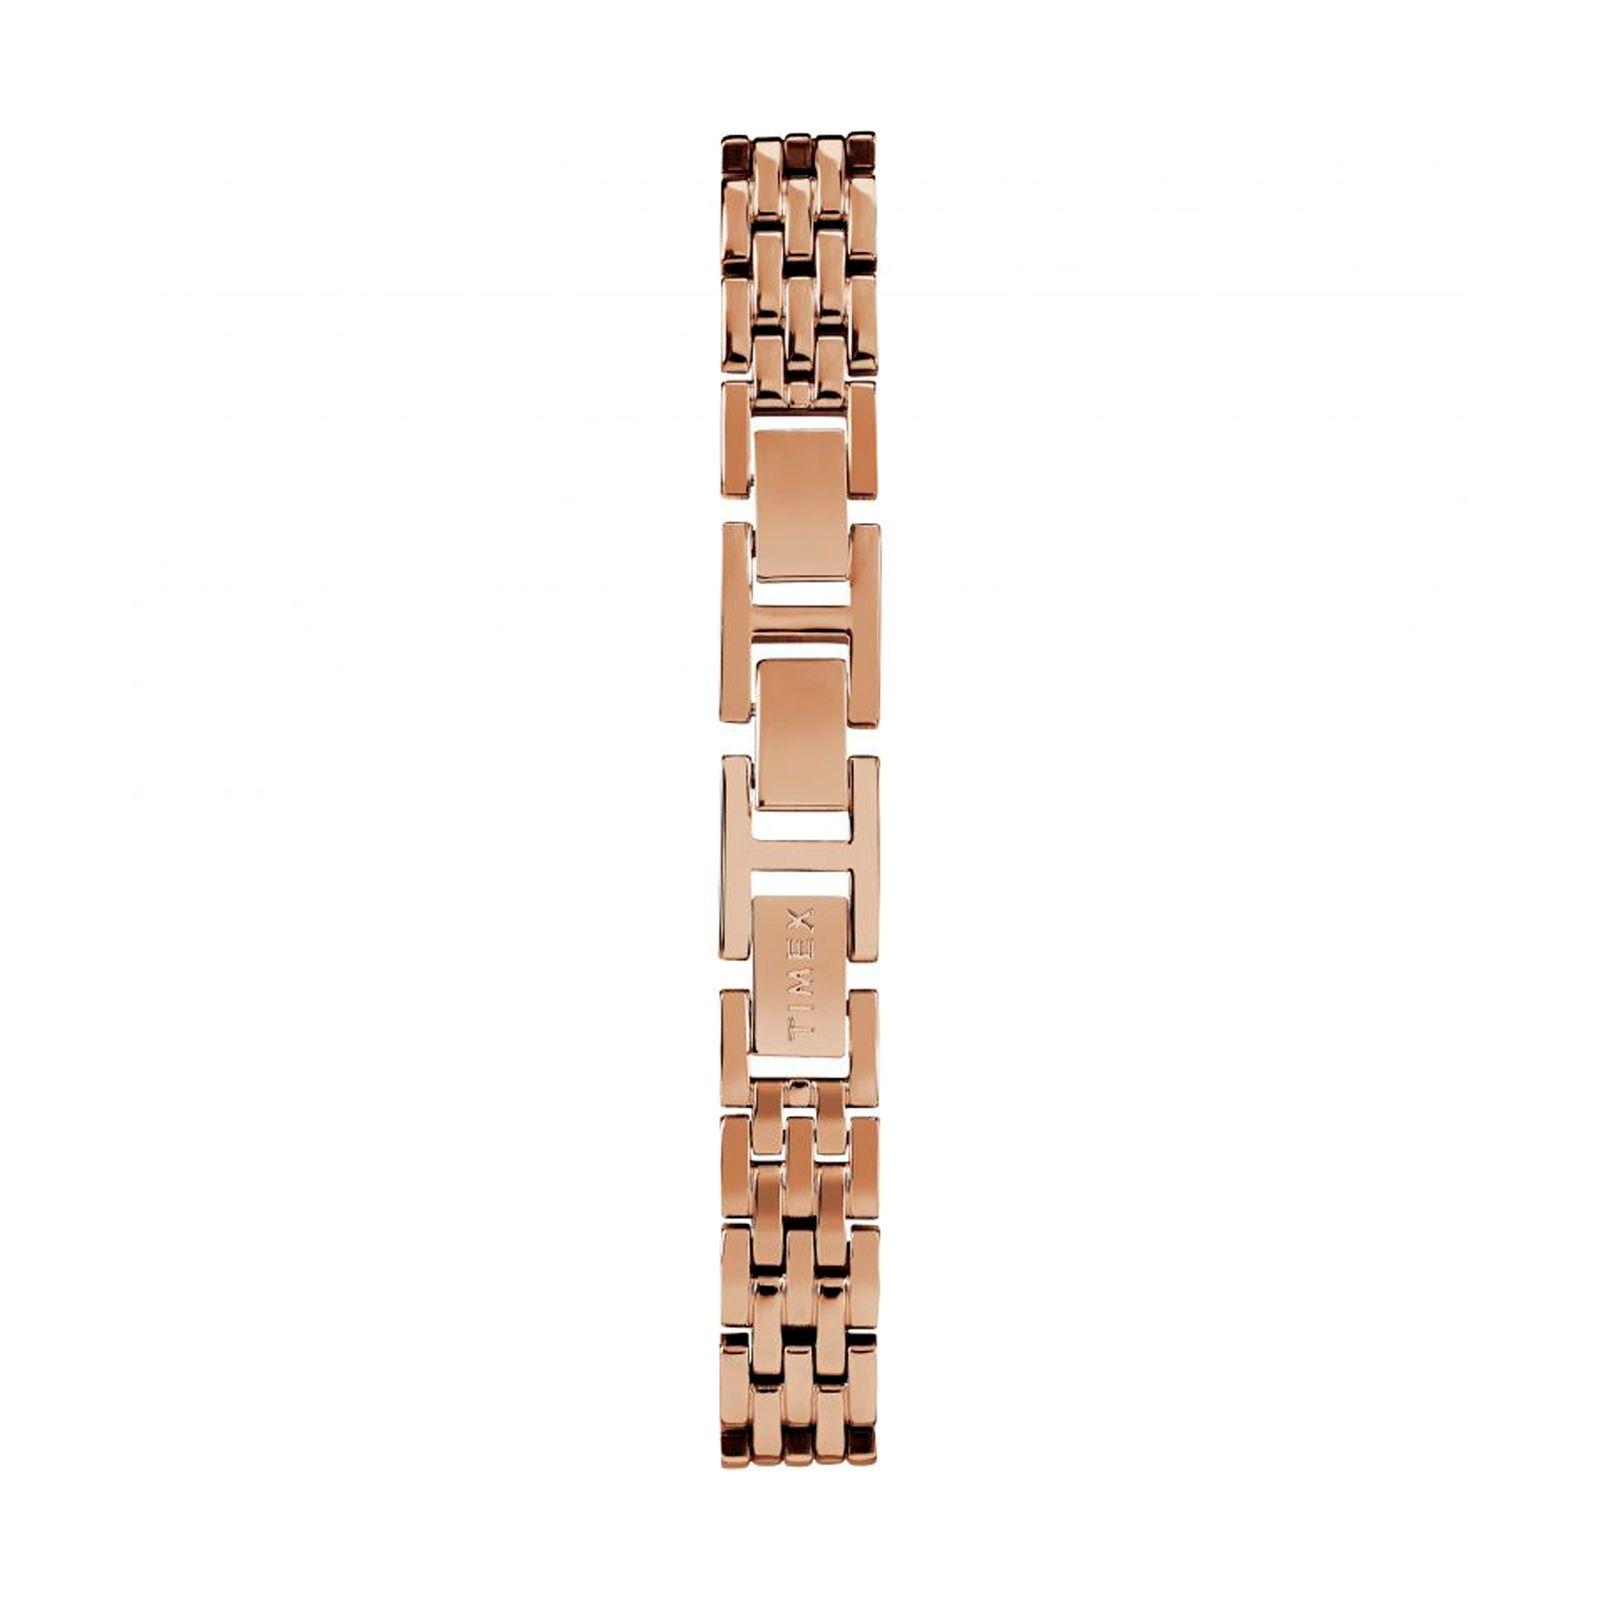 ساعت مچی عقربه ای زنانه تایمکس مدل TW2R94000 -  - 3